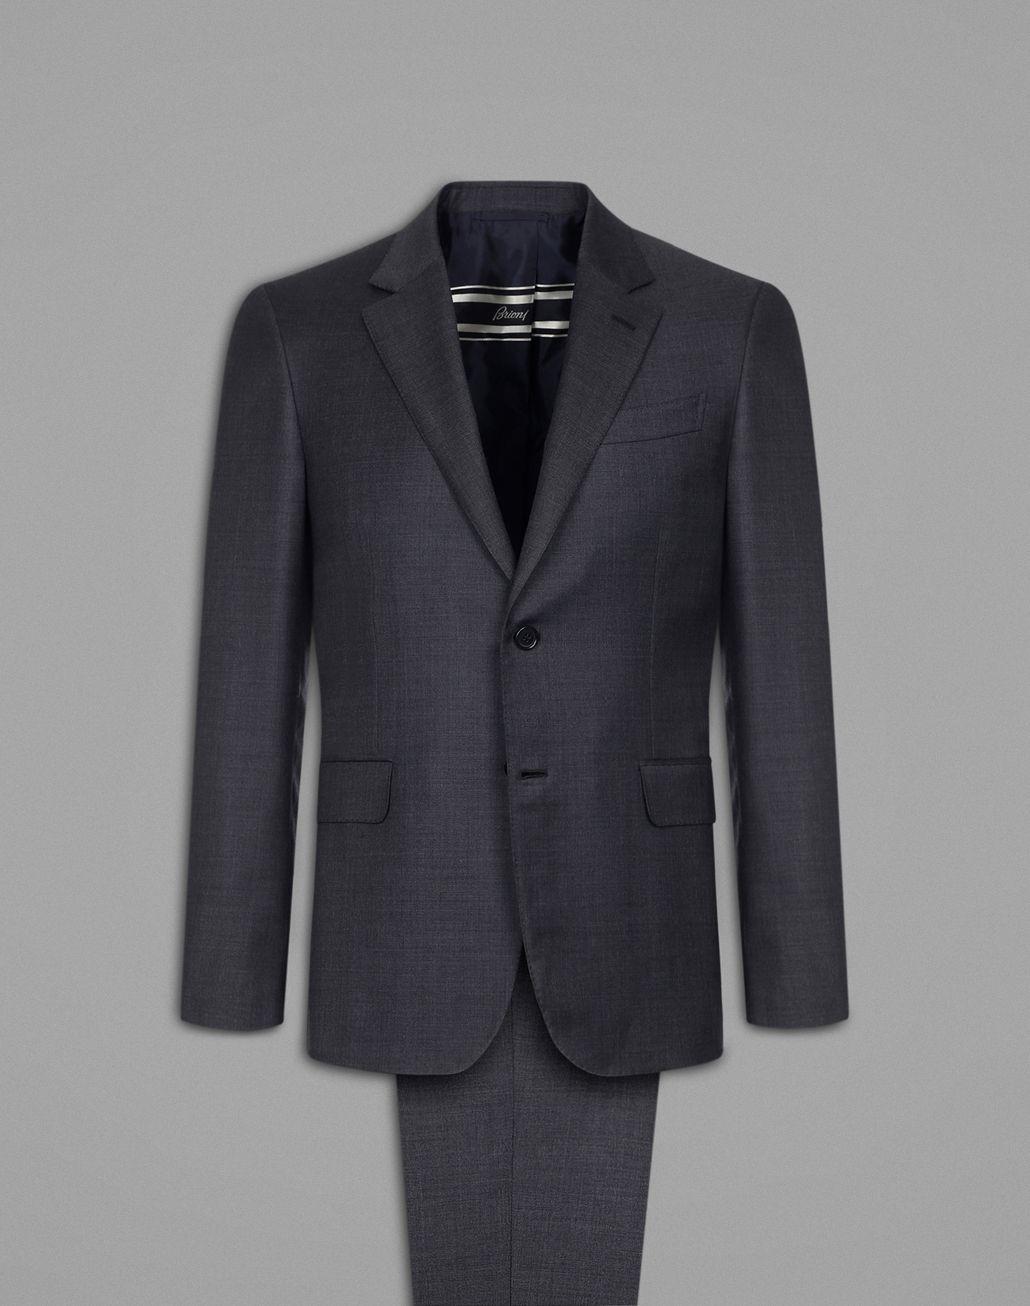 BRIONI Abito Primo Grigio Suits & Jackets Uomo f